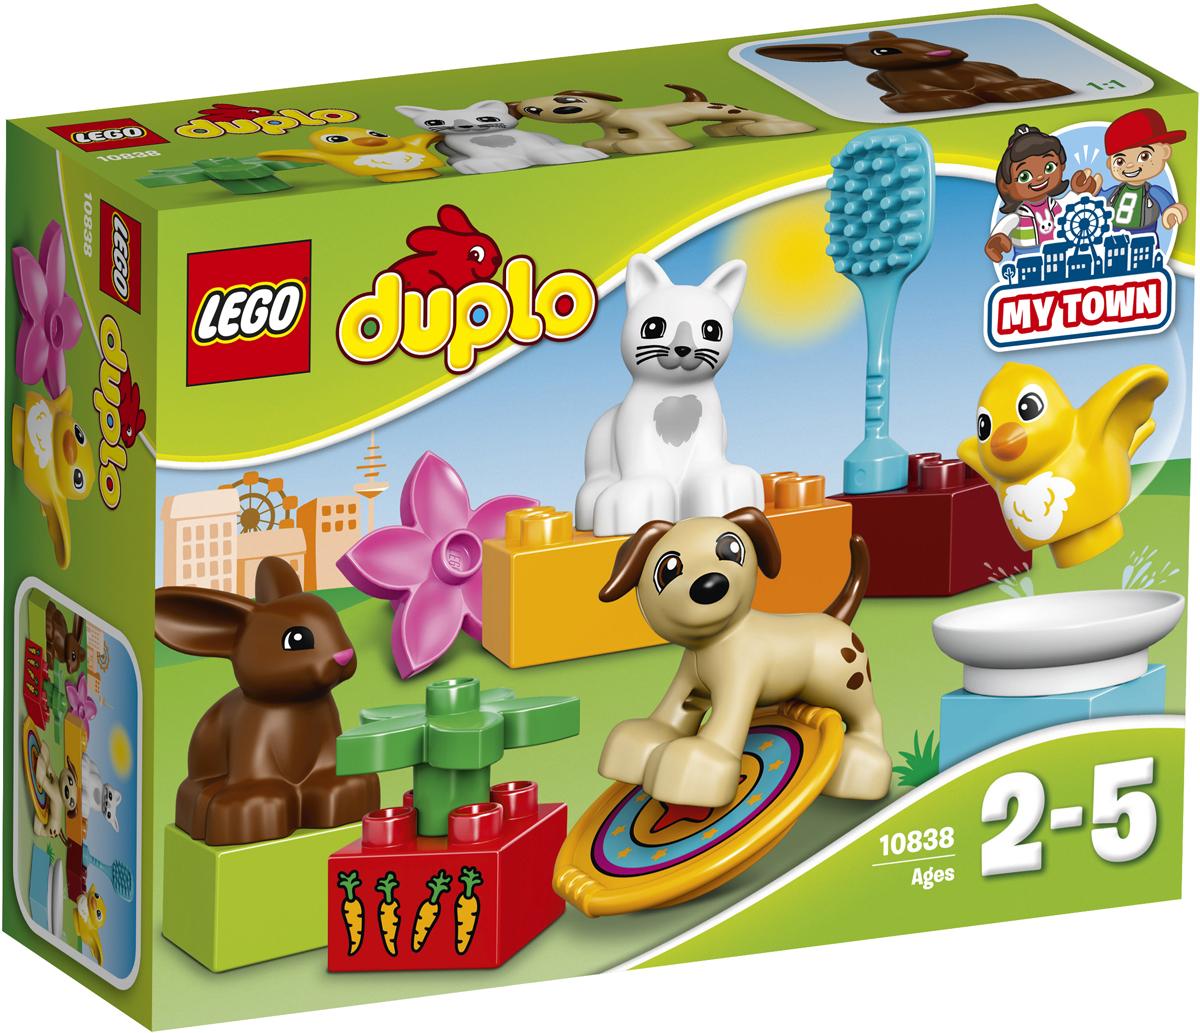 LEGO DUPLO Конструктор Домашние животные 10838 конструктор lego duplo домашние животные 10838